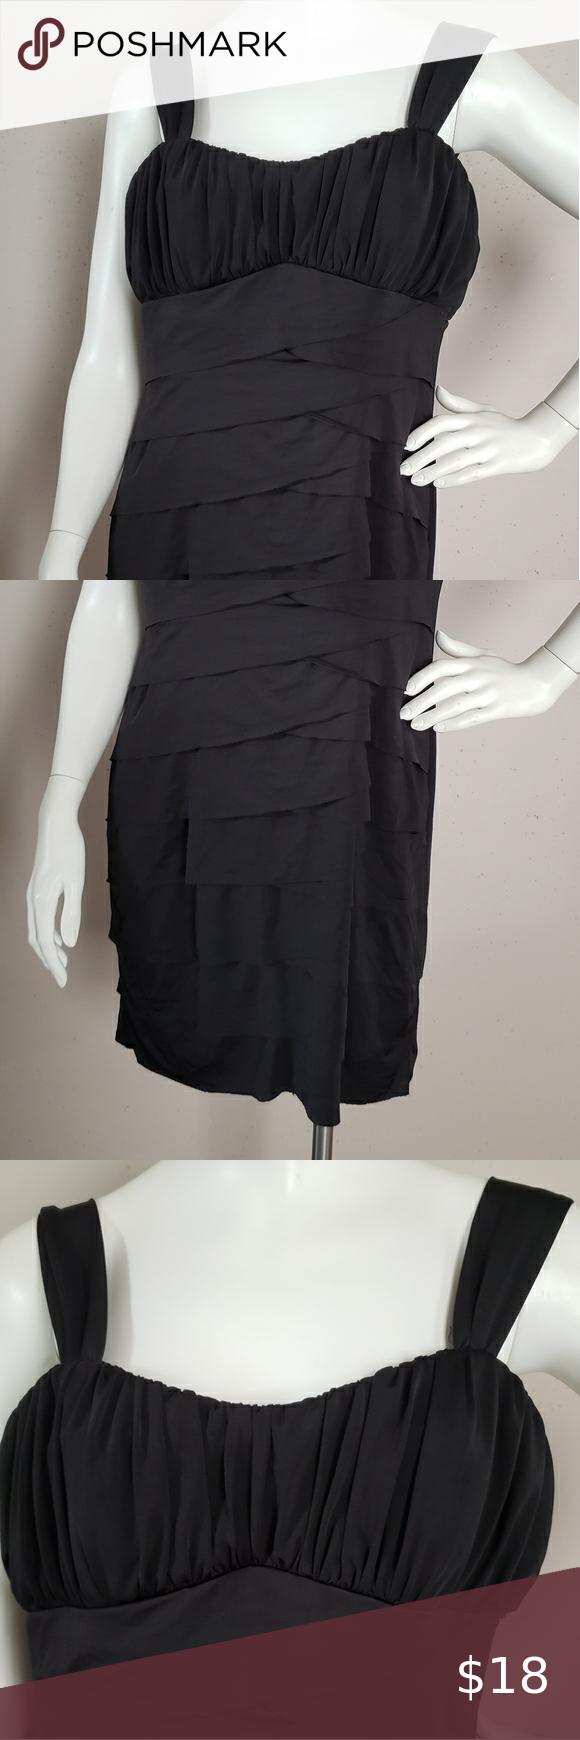 Pompous Girly Black Dress Women Size Xl Womens Black Dress Womens Dresses Black Dress [ 1740 x 580 Pixel ]